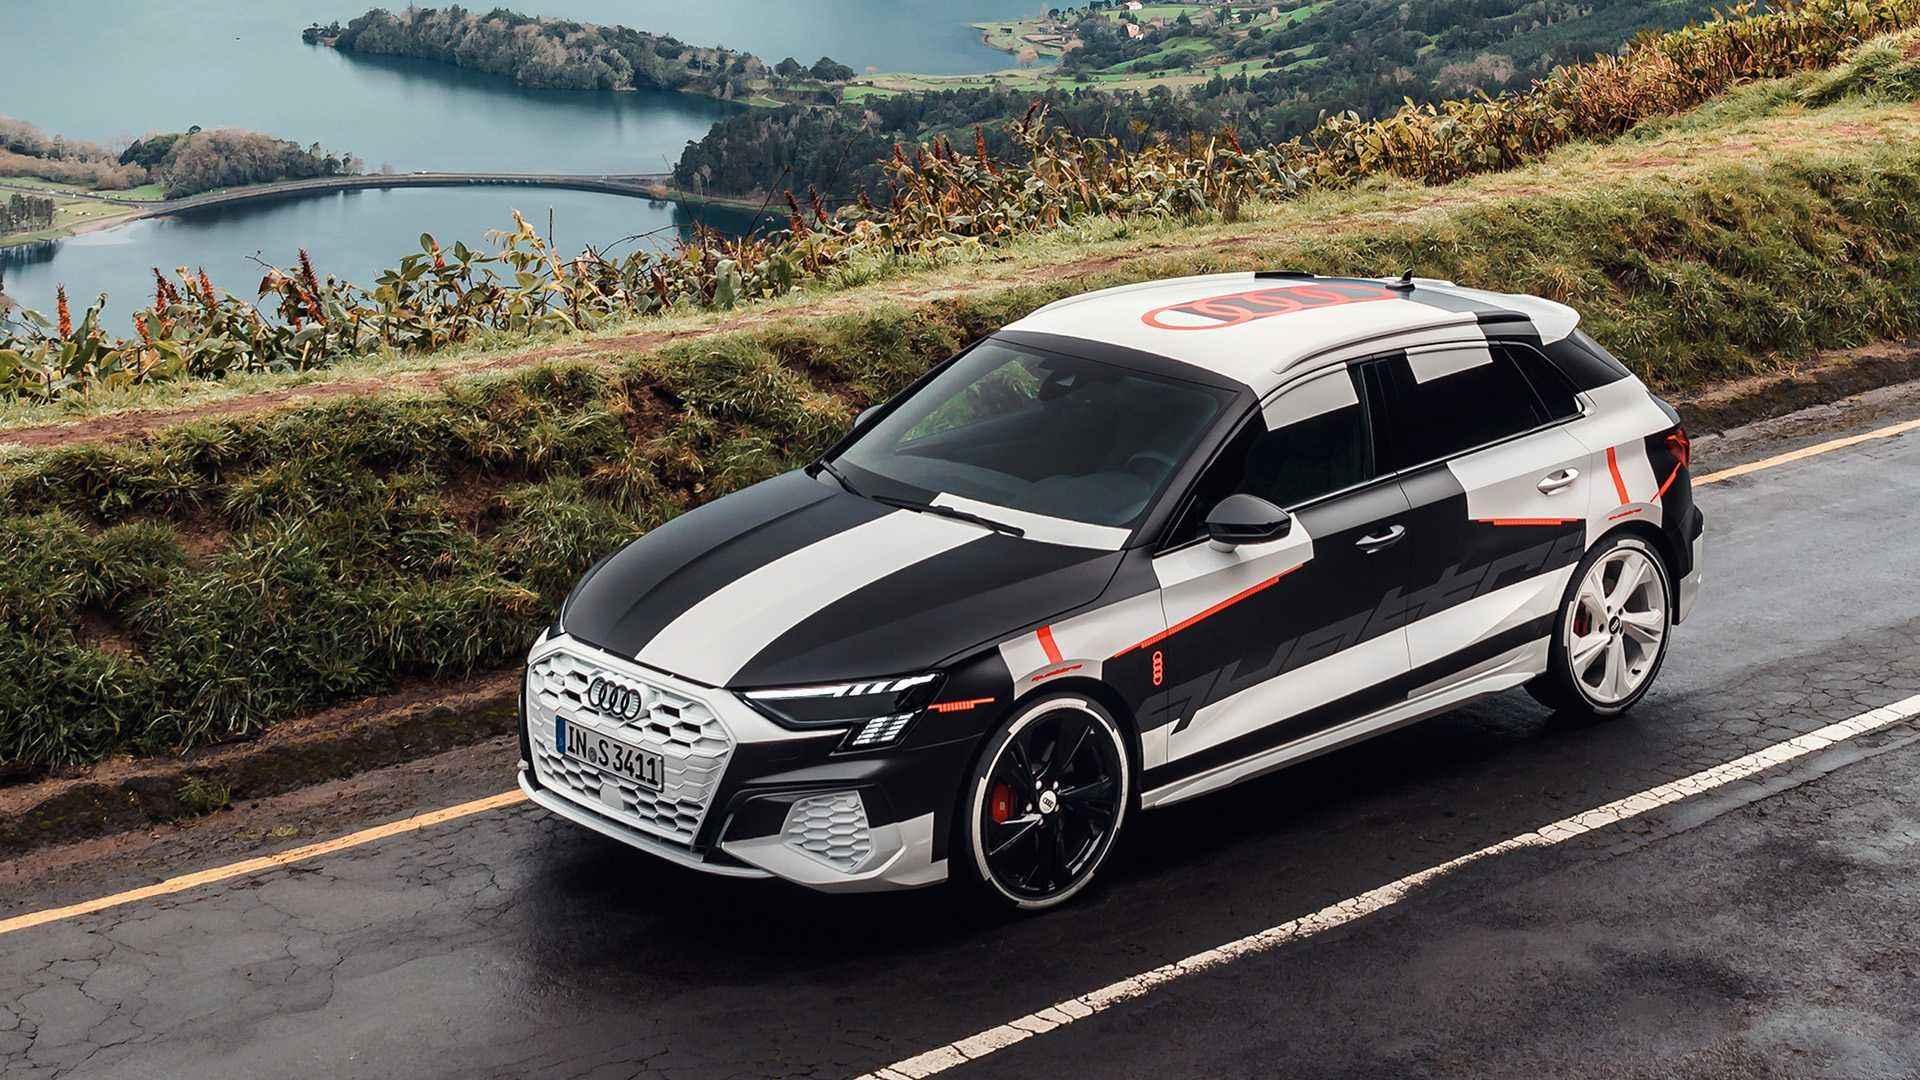 全新一代奥迪S3 Sportback |日内瓦车展